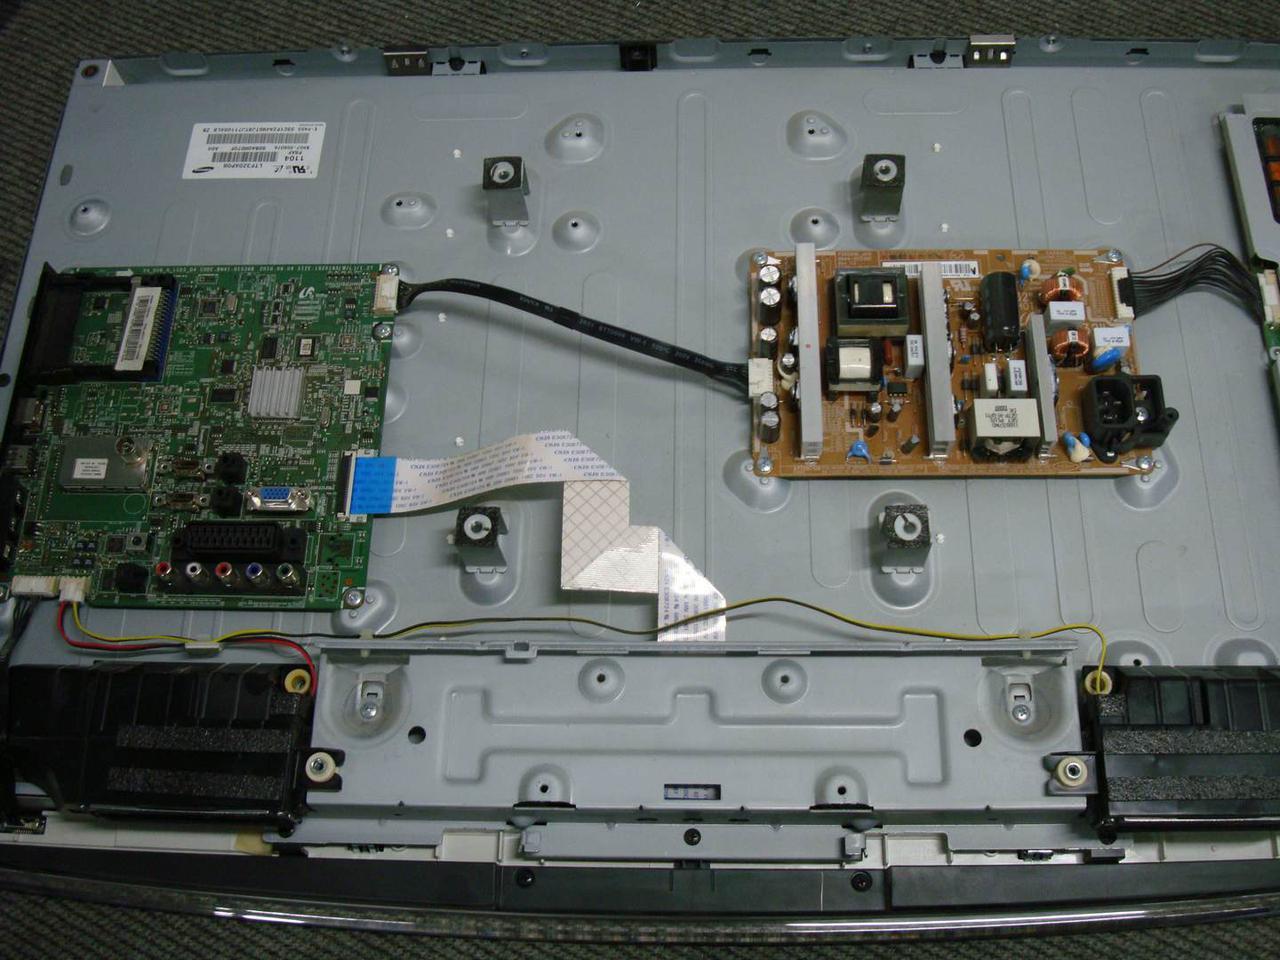 Запчастини до телевізора Samsung LE32C450 (BN44-00338D, SSI320_4UH01 REV 0.3)